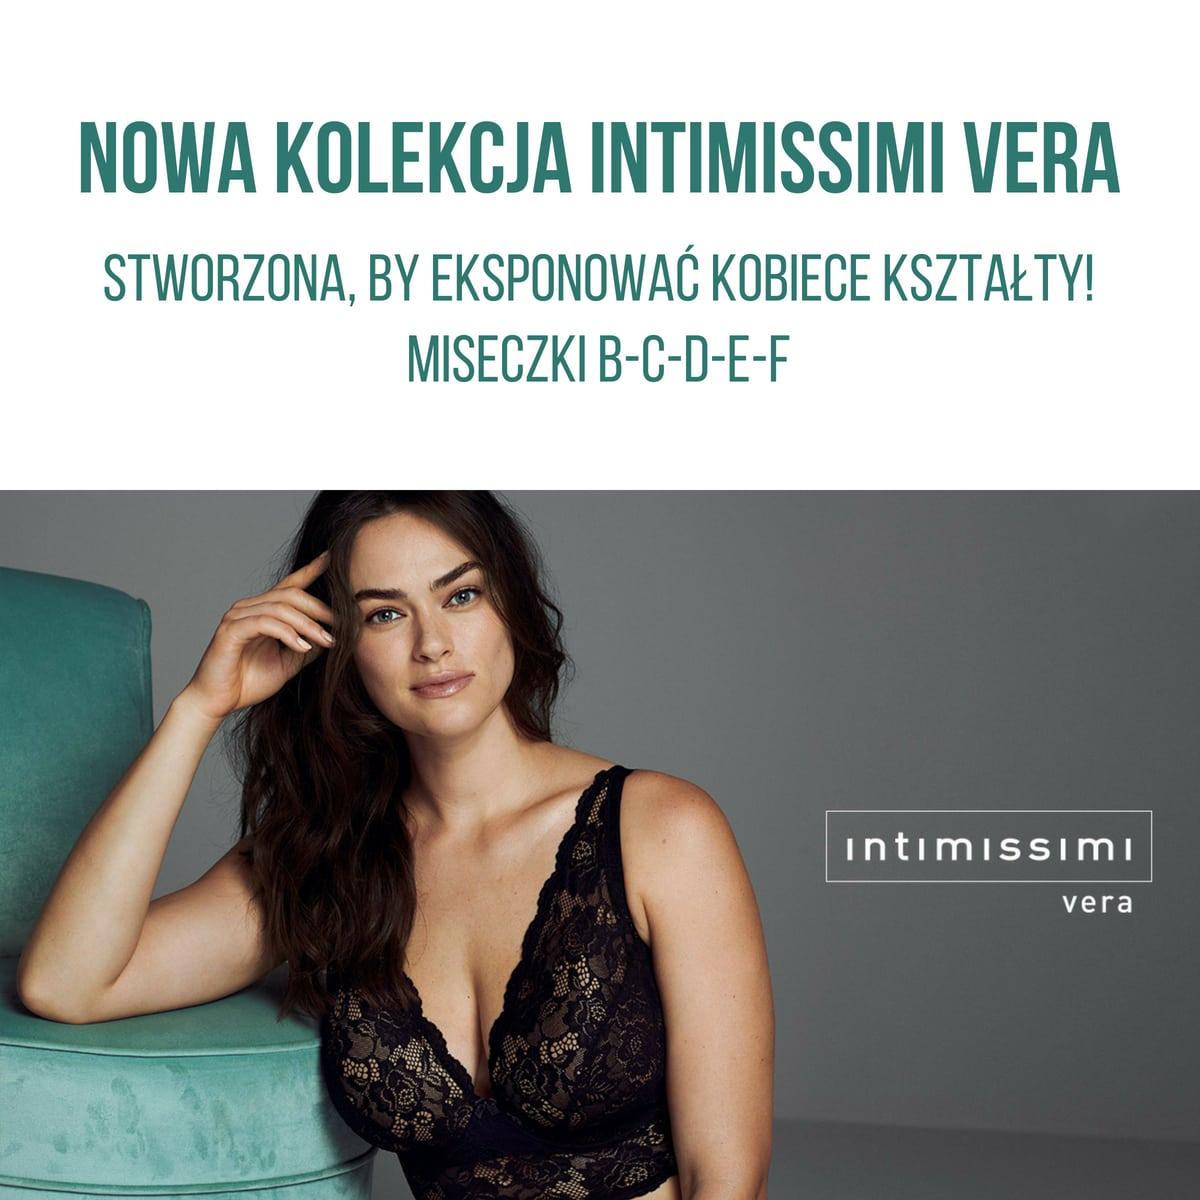 vera_Intimissimi 1200x1200